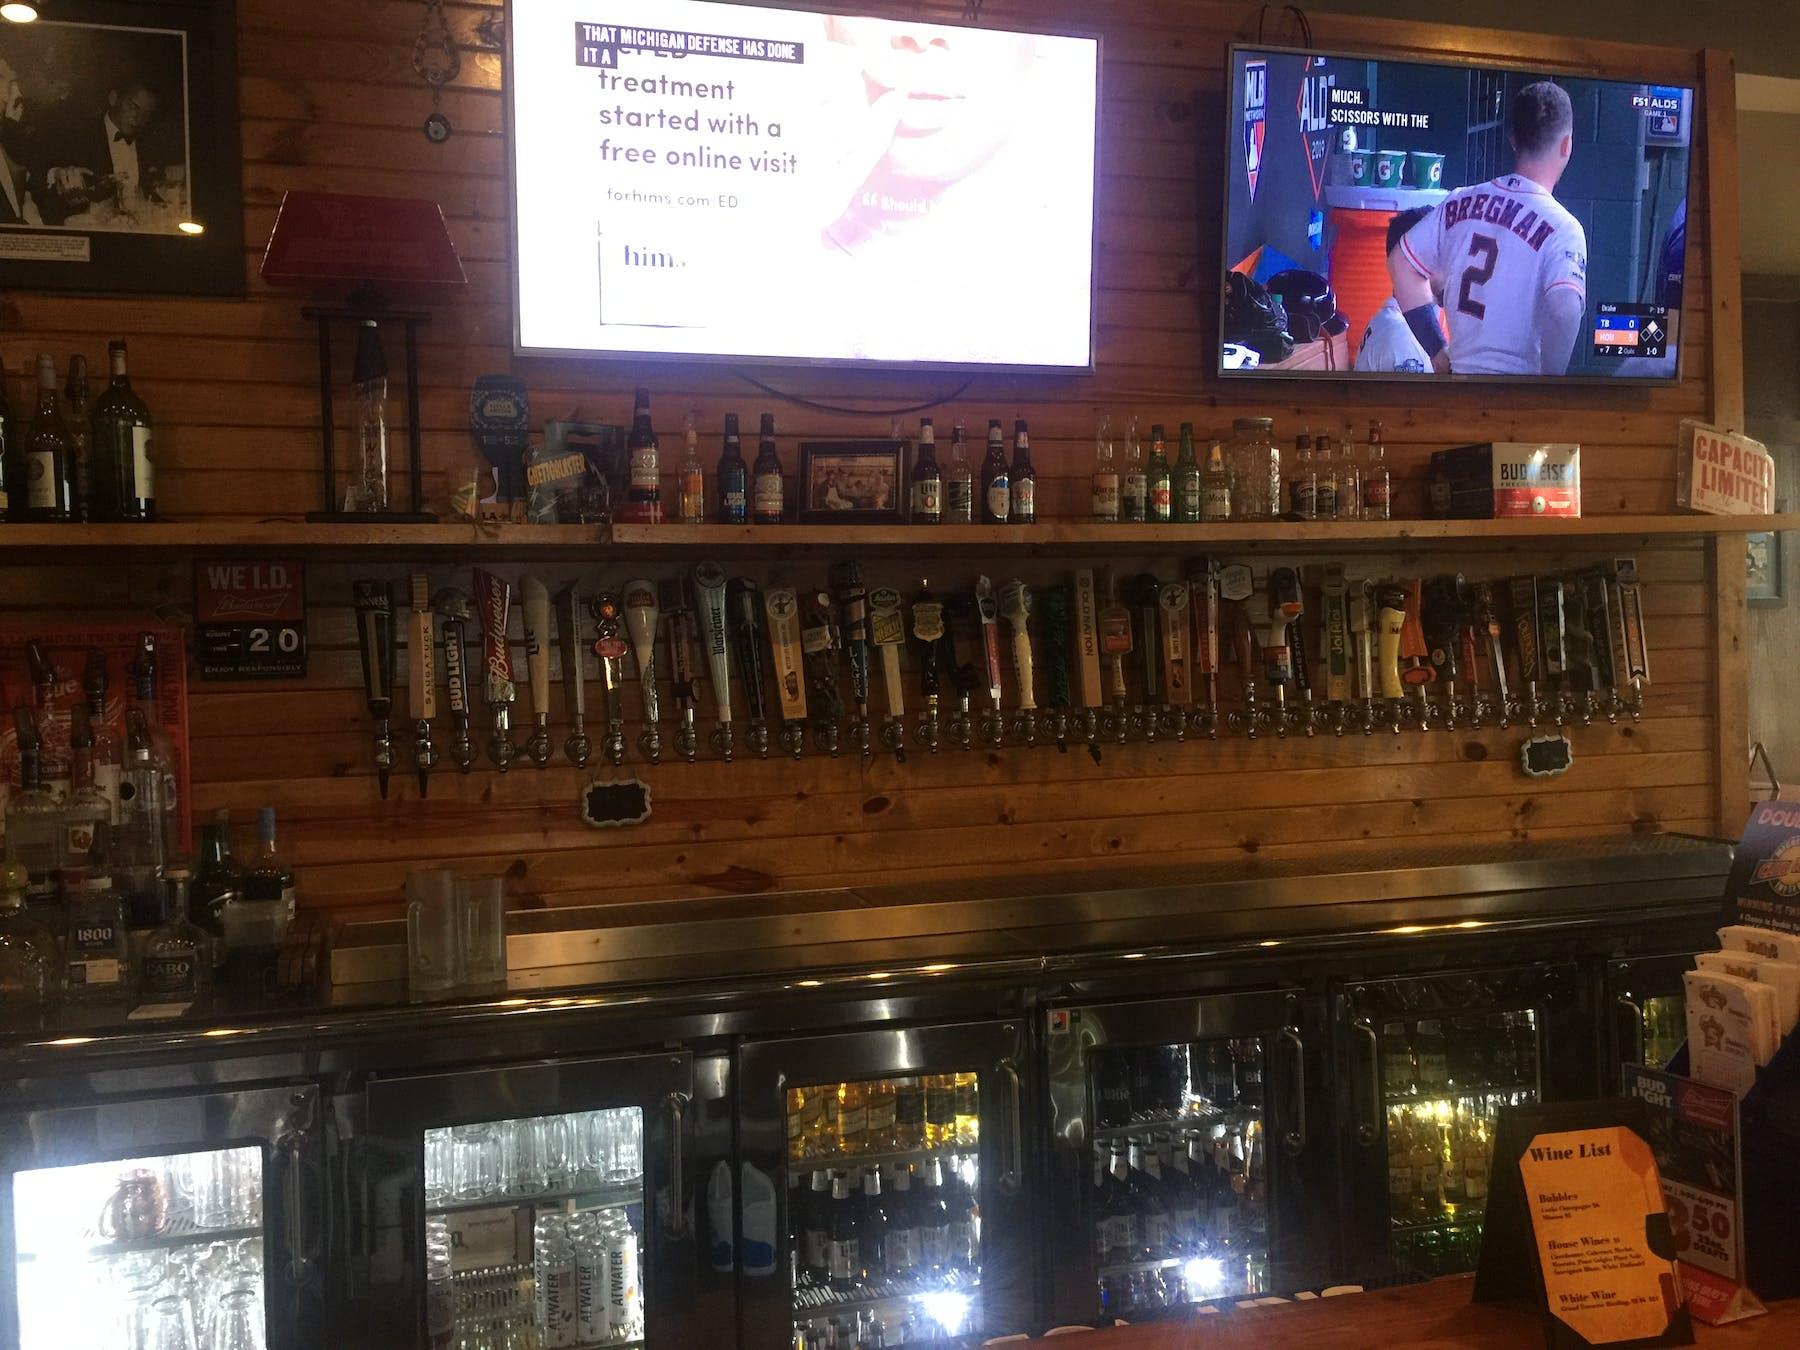 a television at the bar